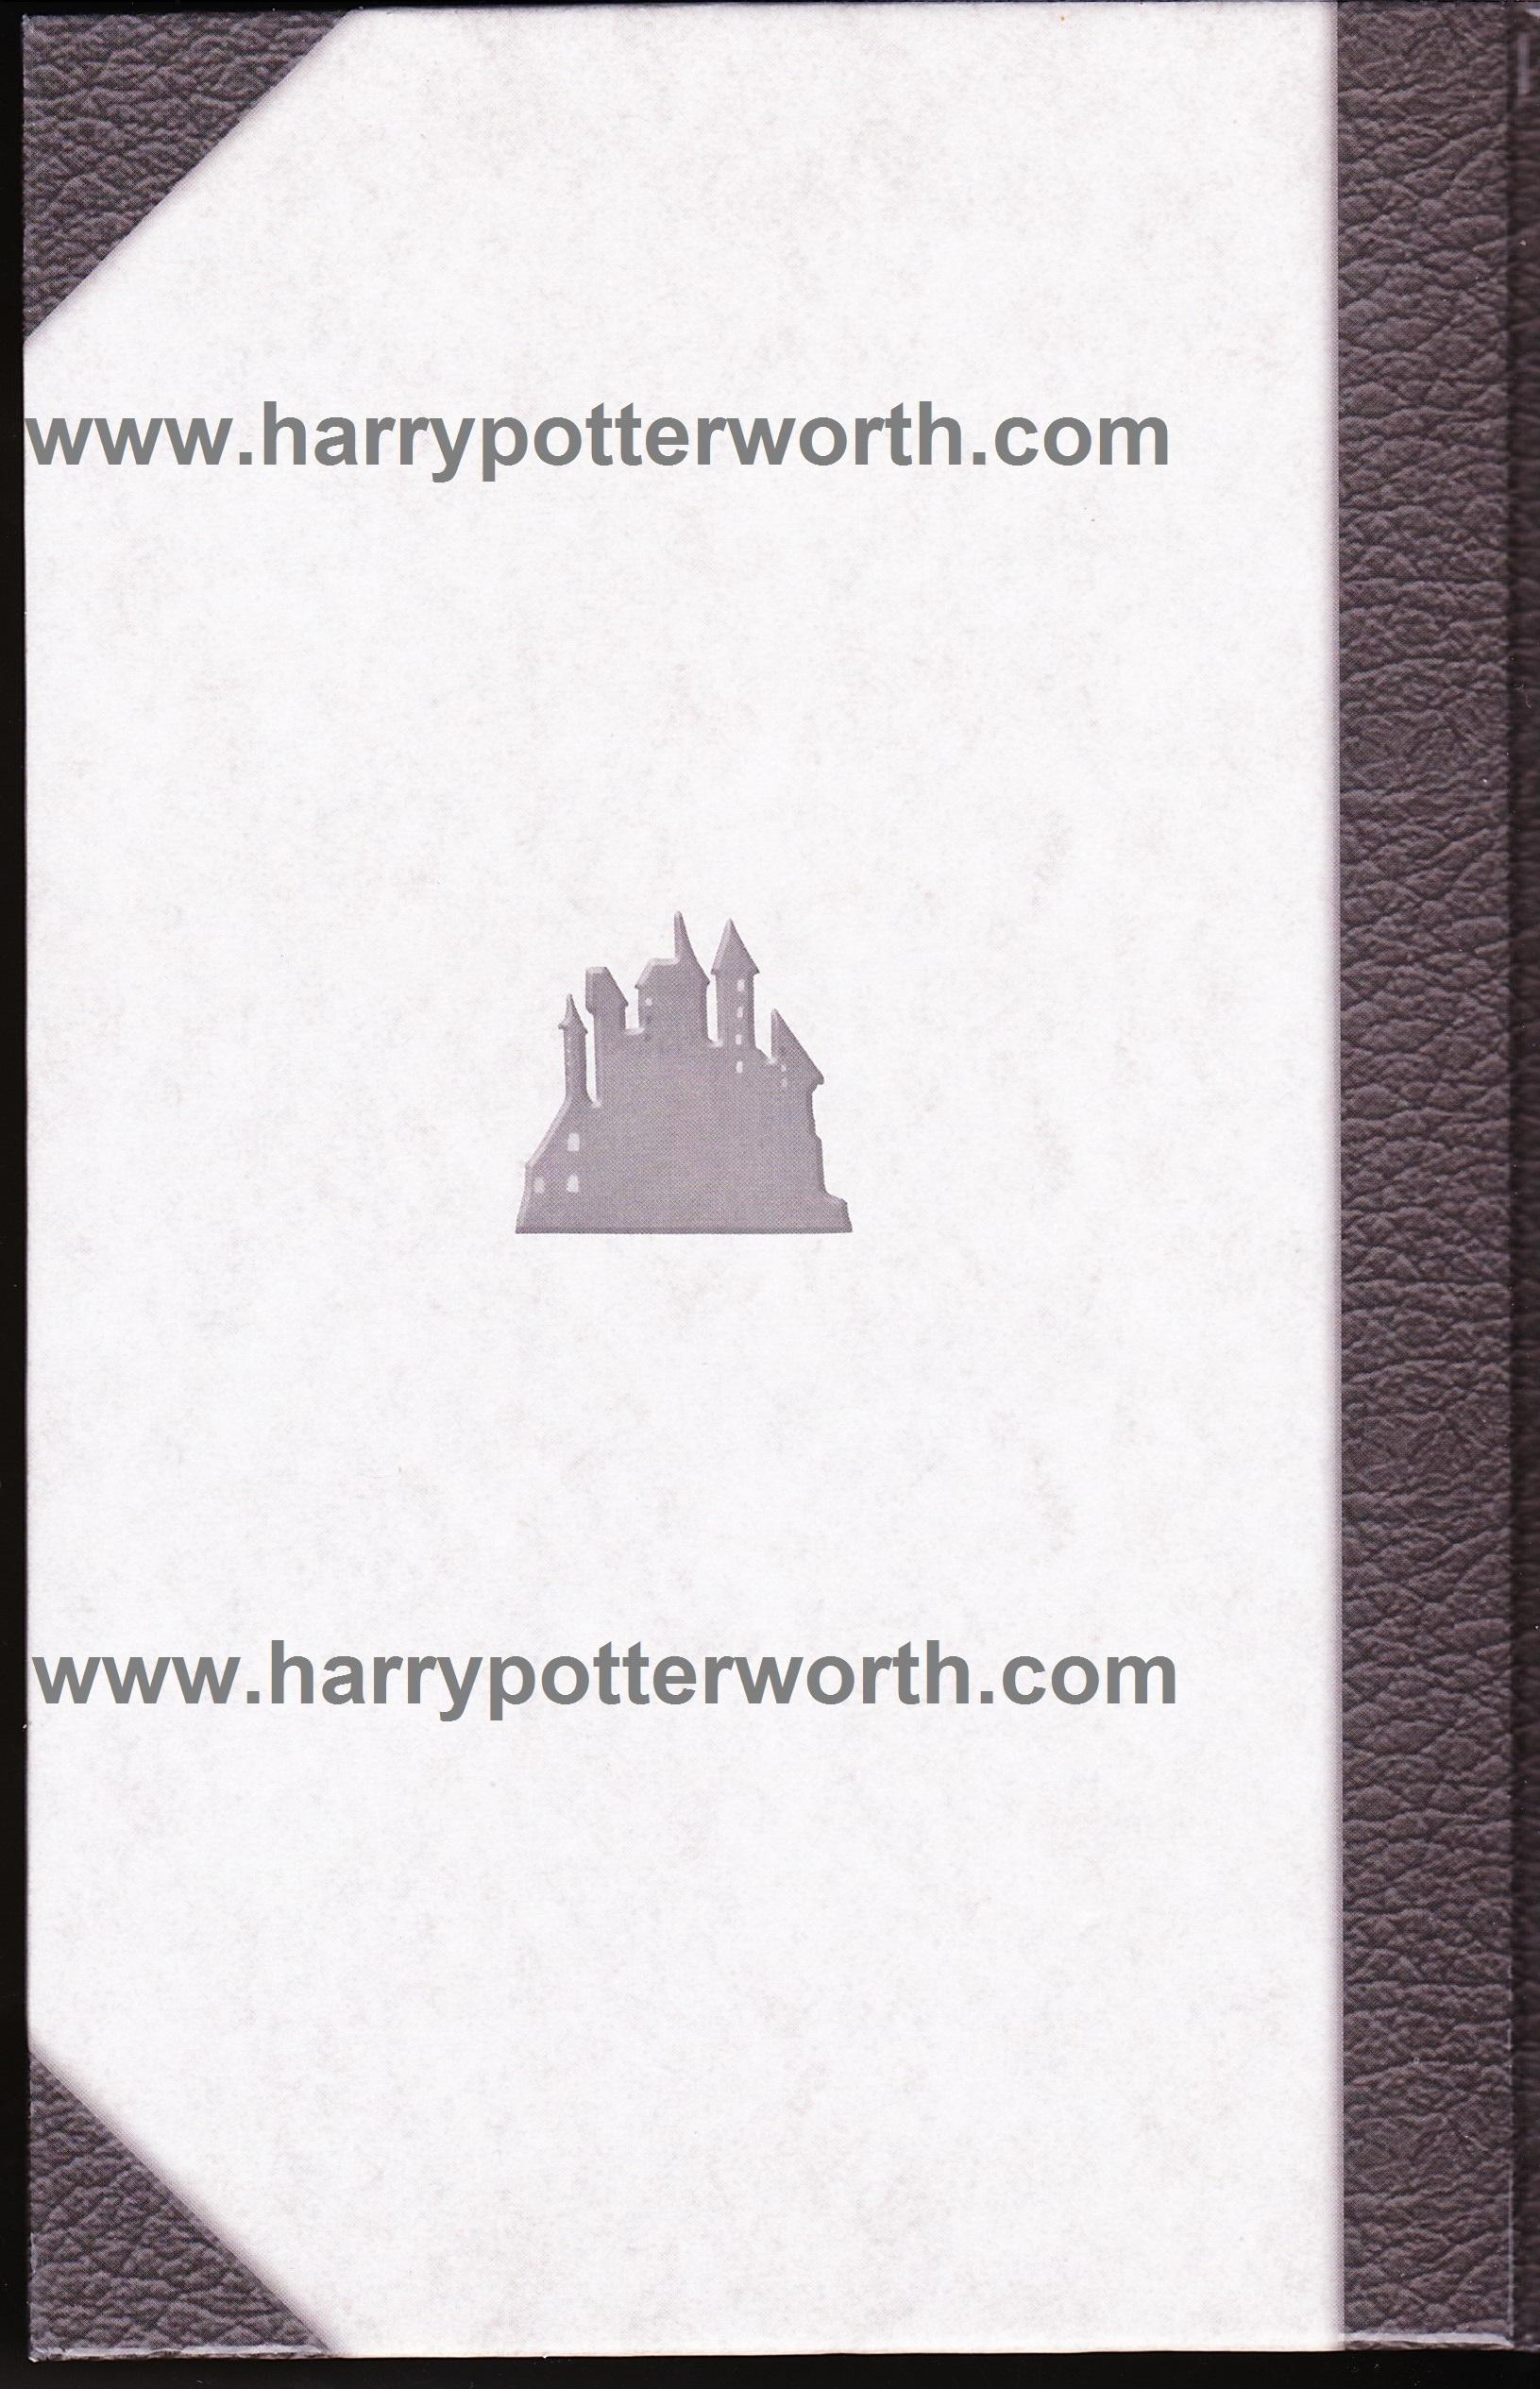 Harry Potter e i Doni della Morte Edizione Motto Hogwarts 2007 - Retro